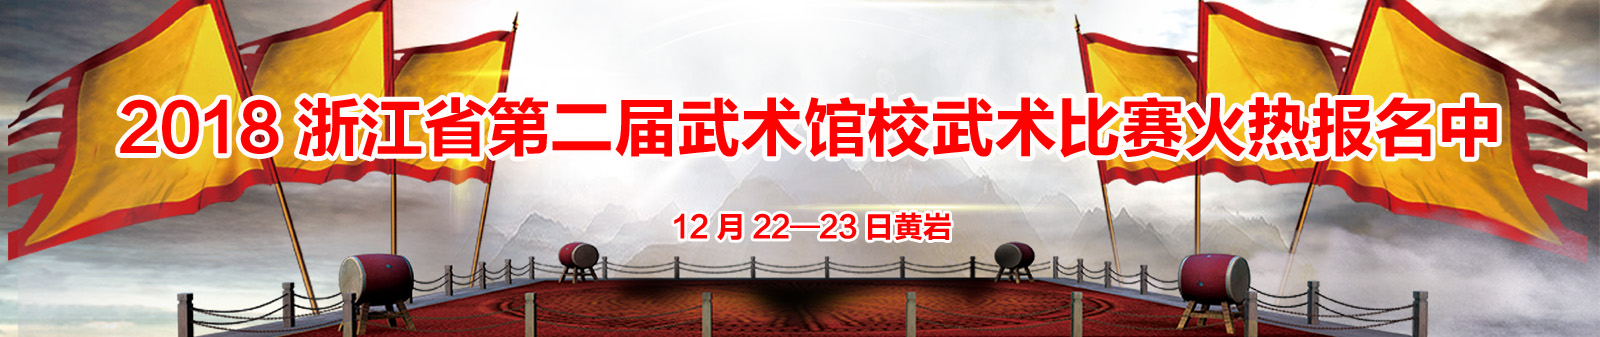 第十三届浙江国际传统武术比赛